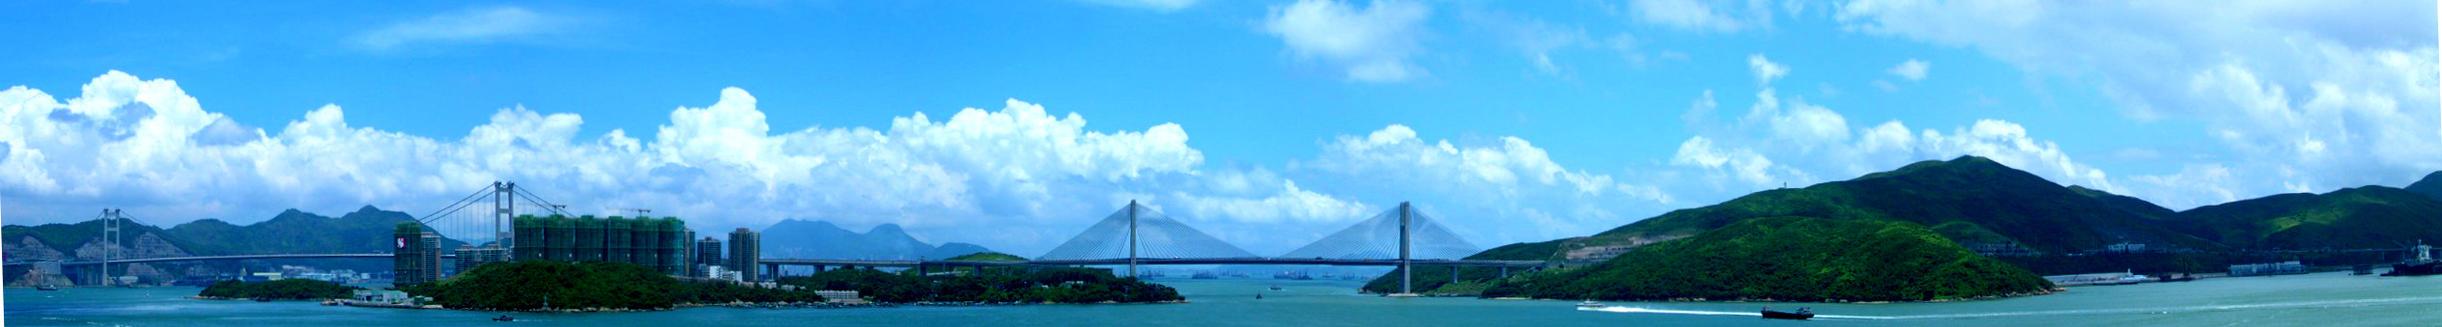 Tsing Ma Bridge by immortalkiss